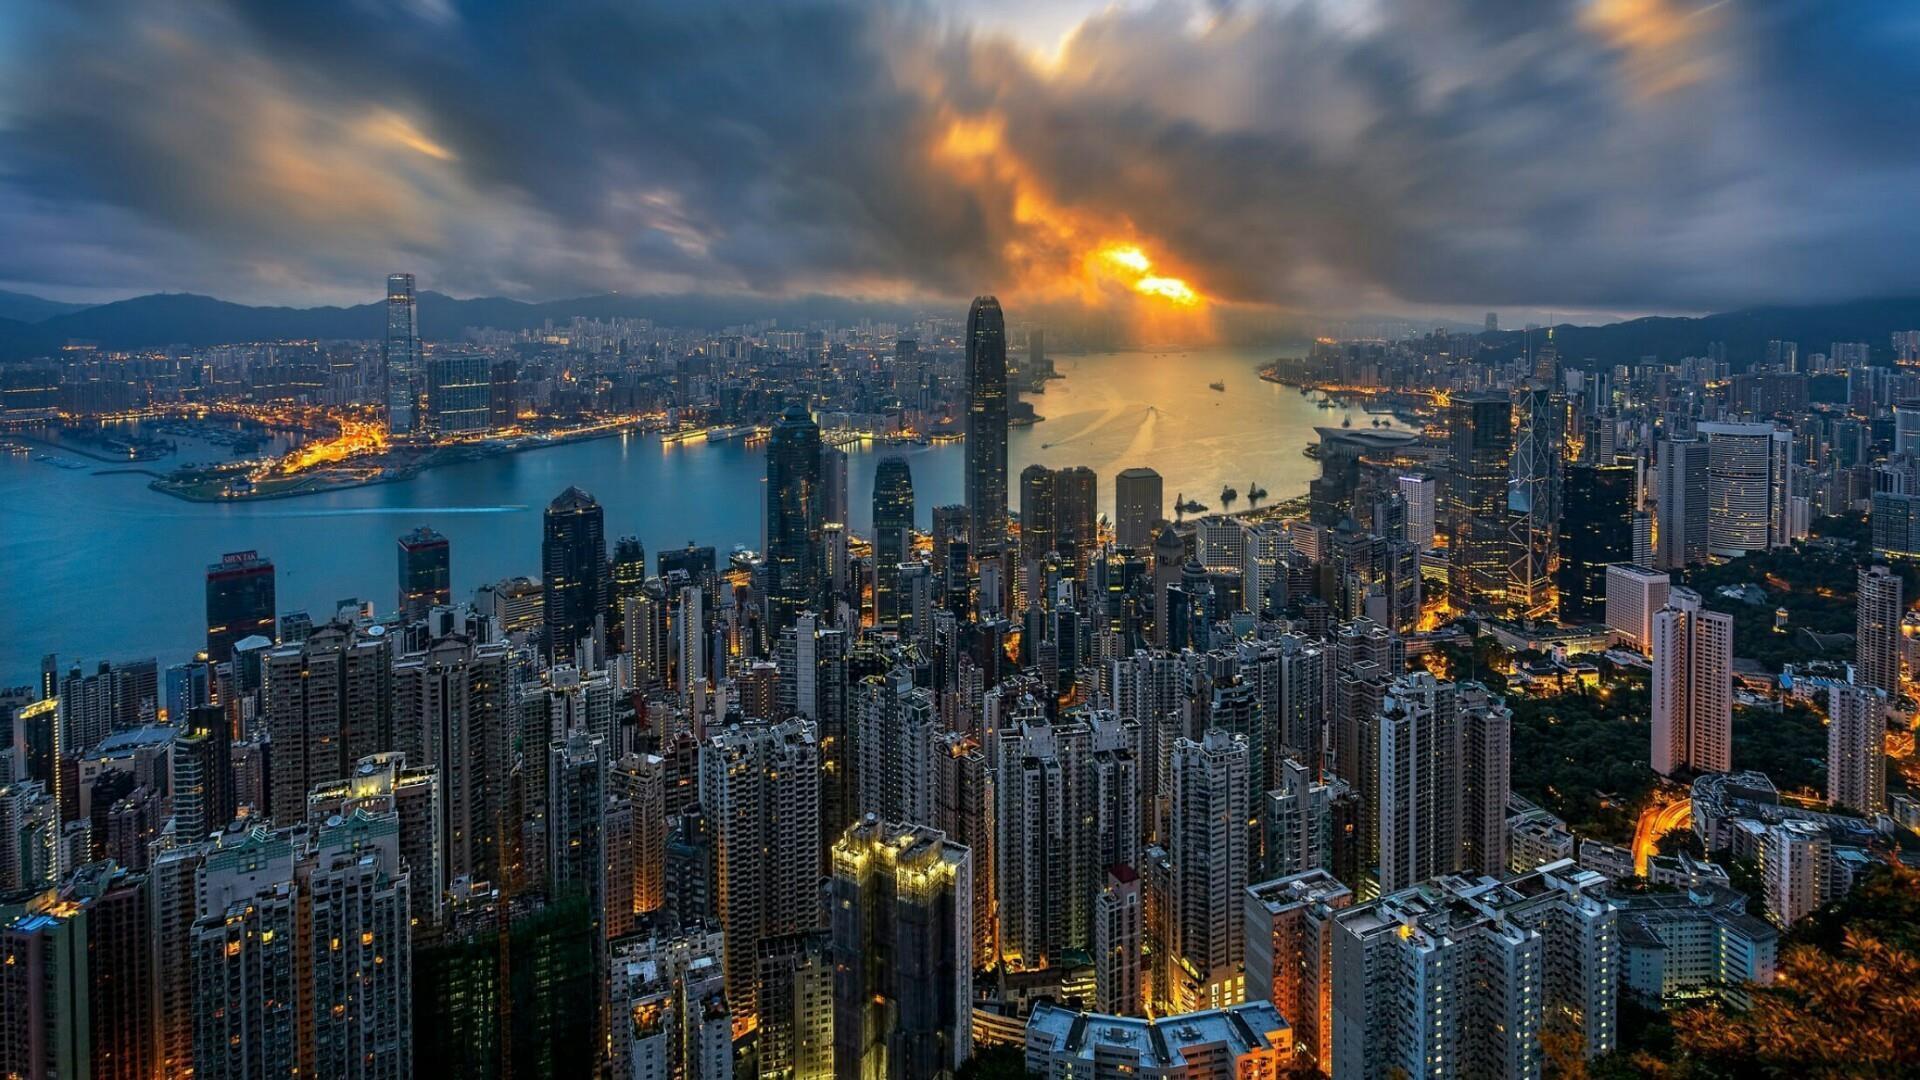 Hà Nội, Phú Quốc vào danh sách điểm du lịch tốt nhất châu Á Ảnh 4